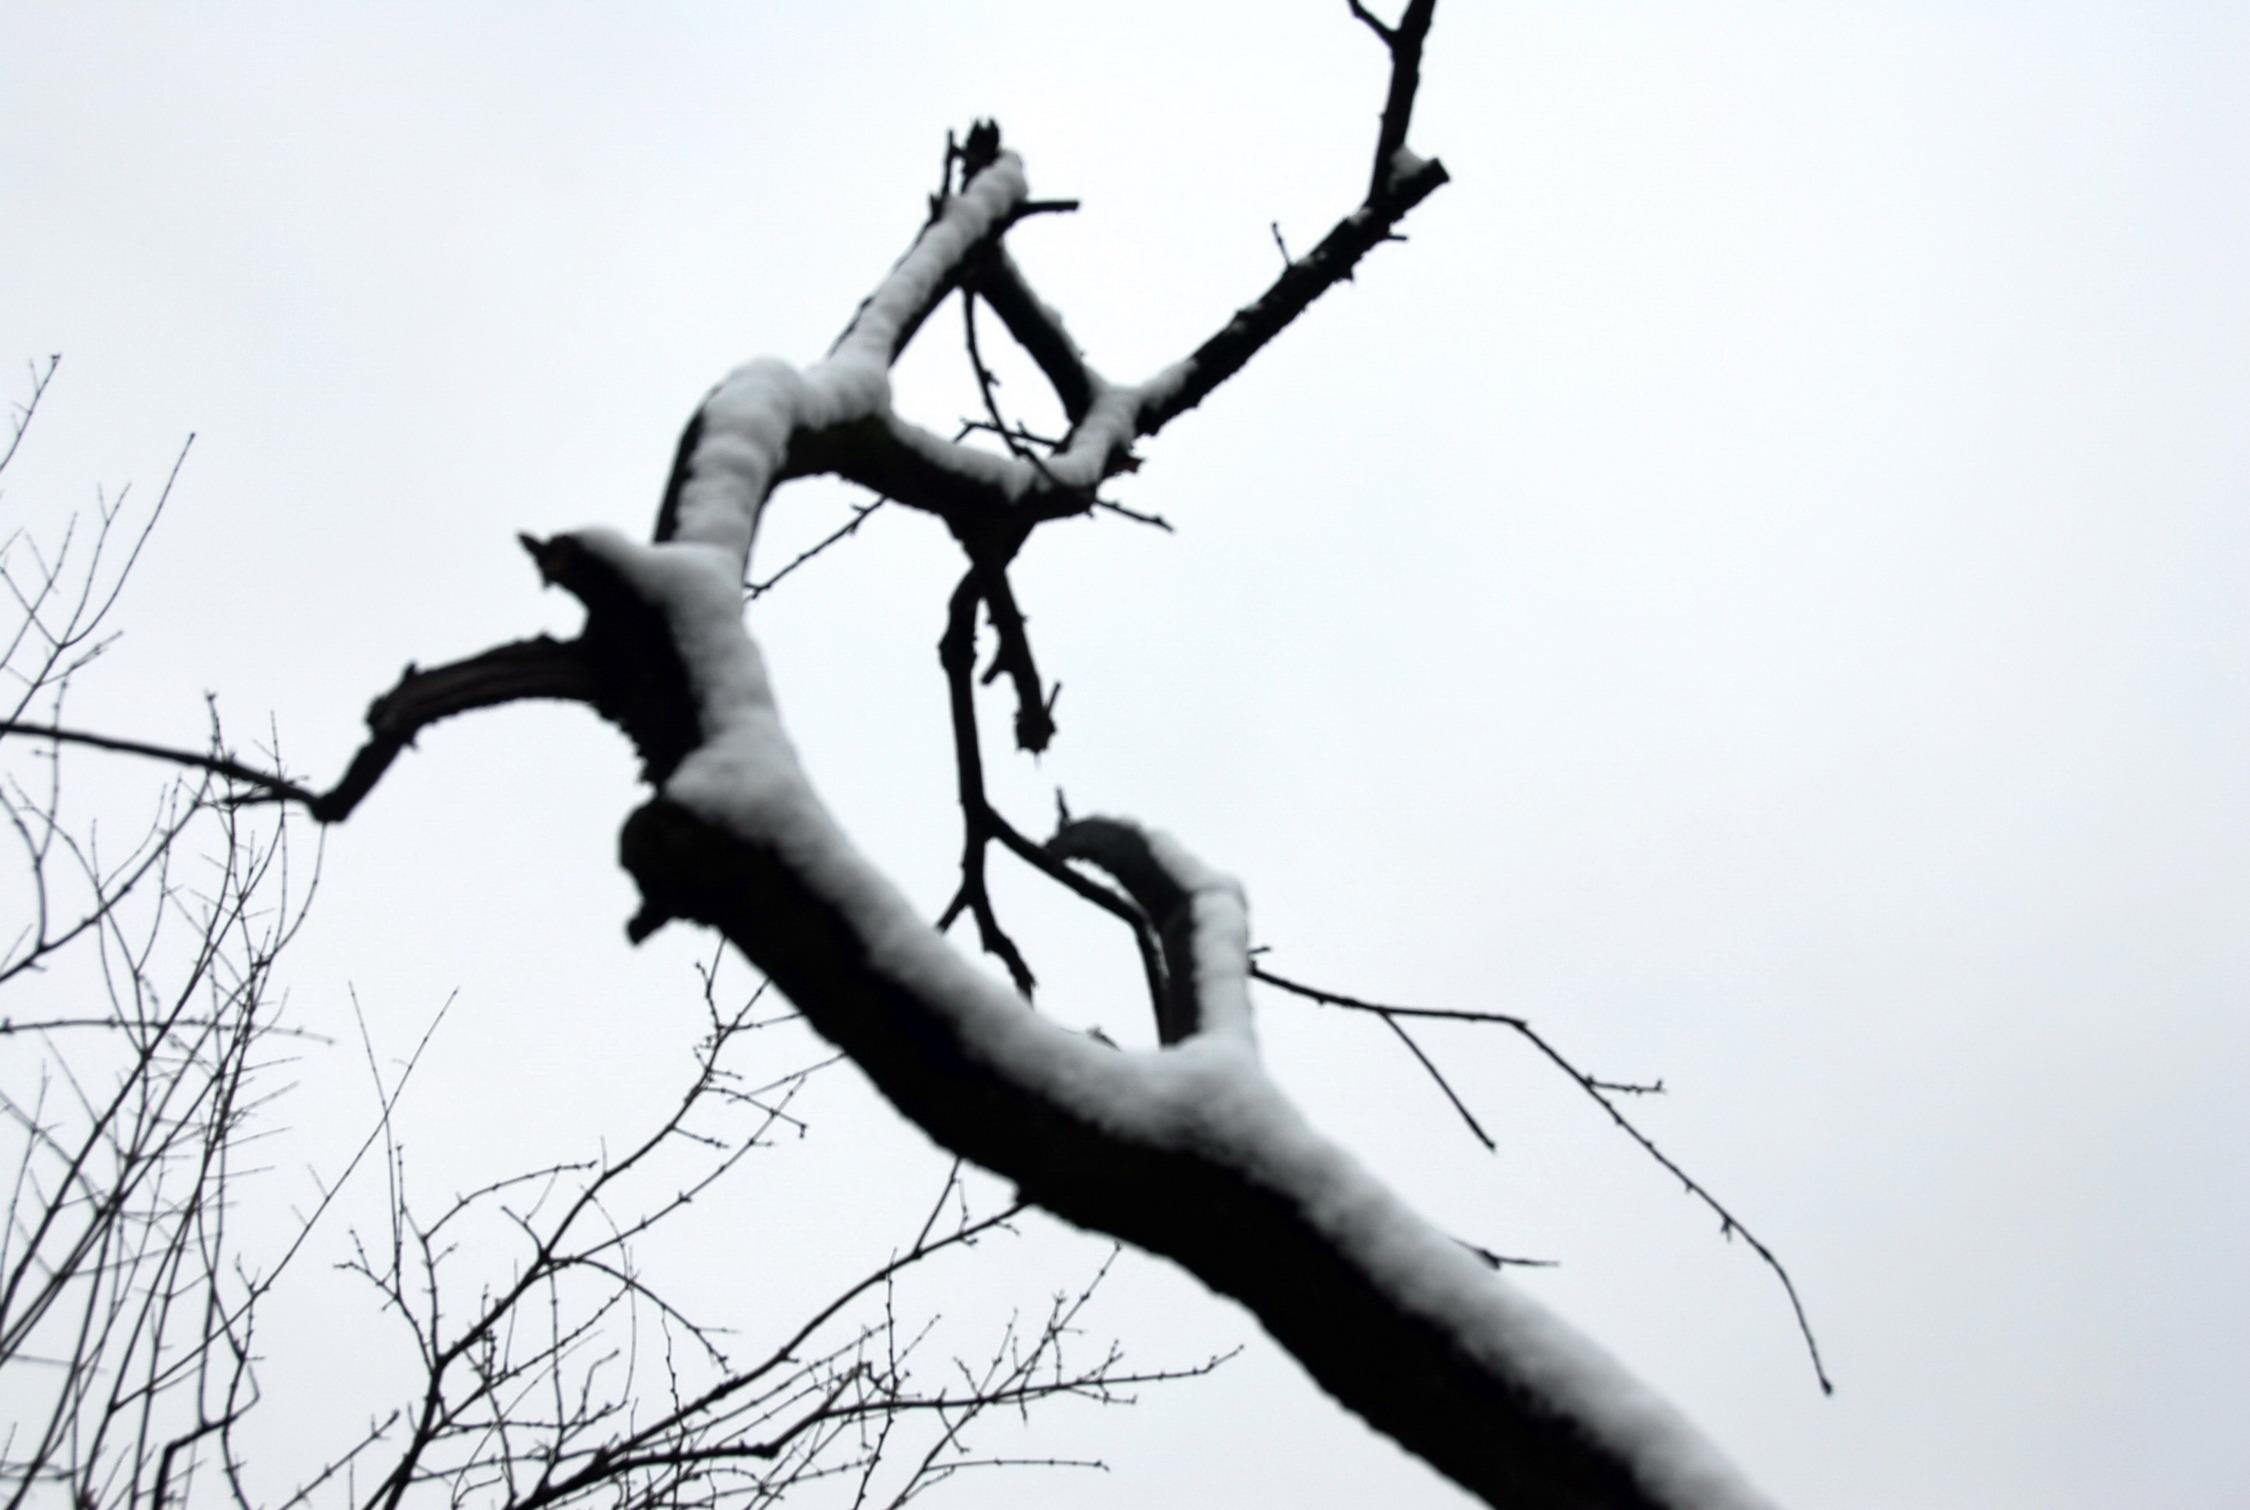 最可爱的人,昨日雪景试镜